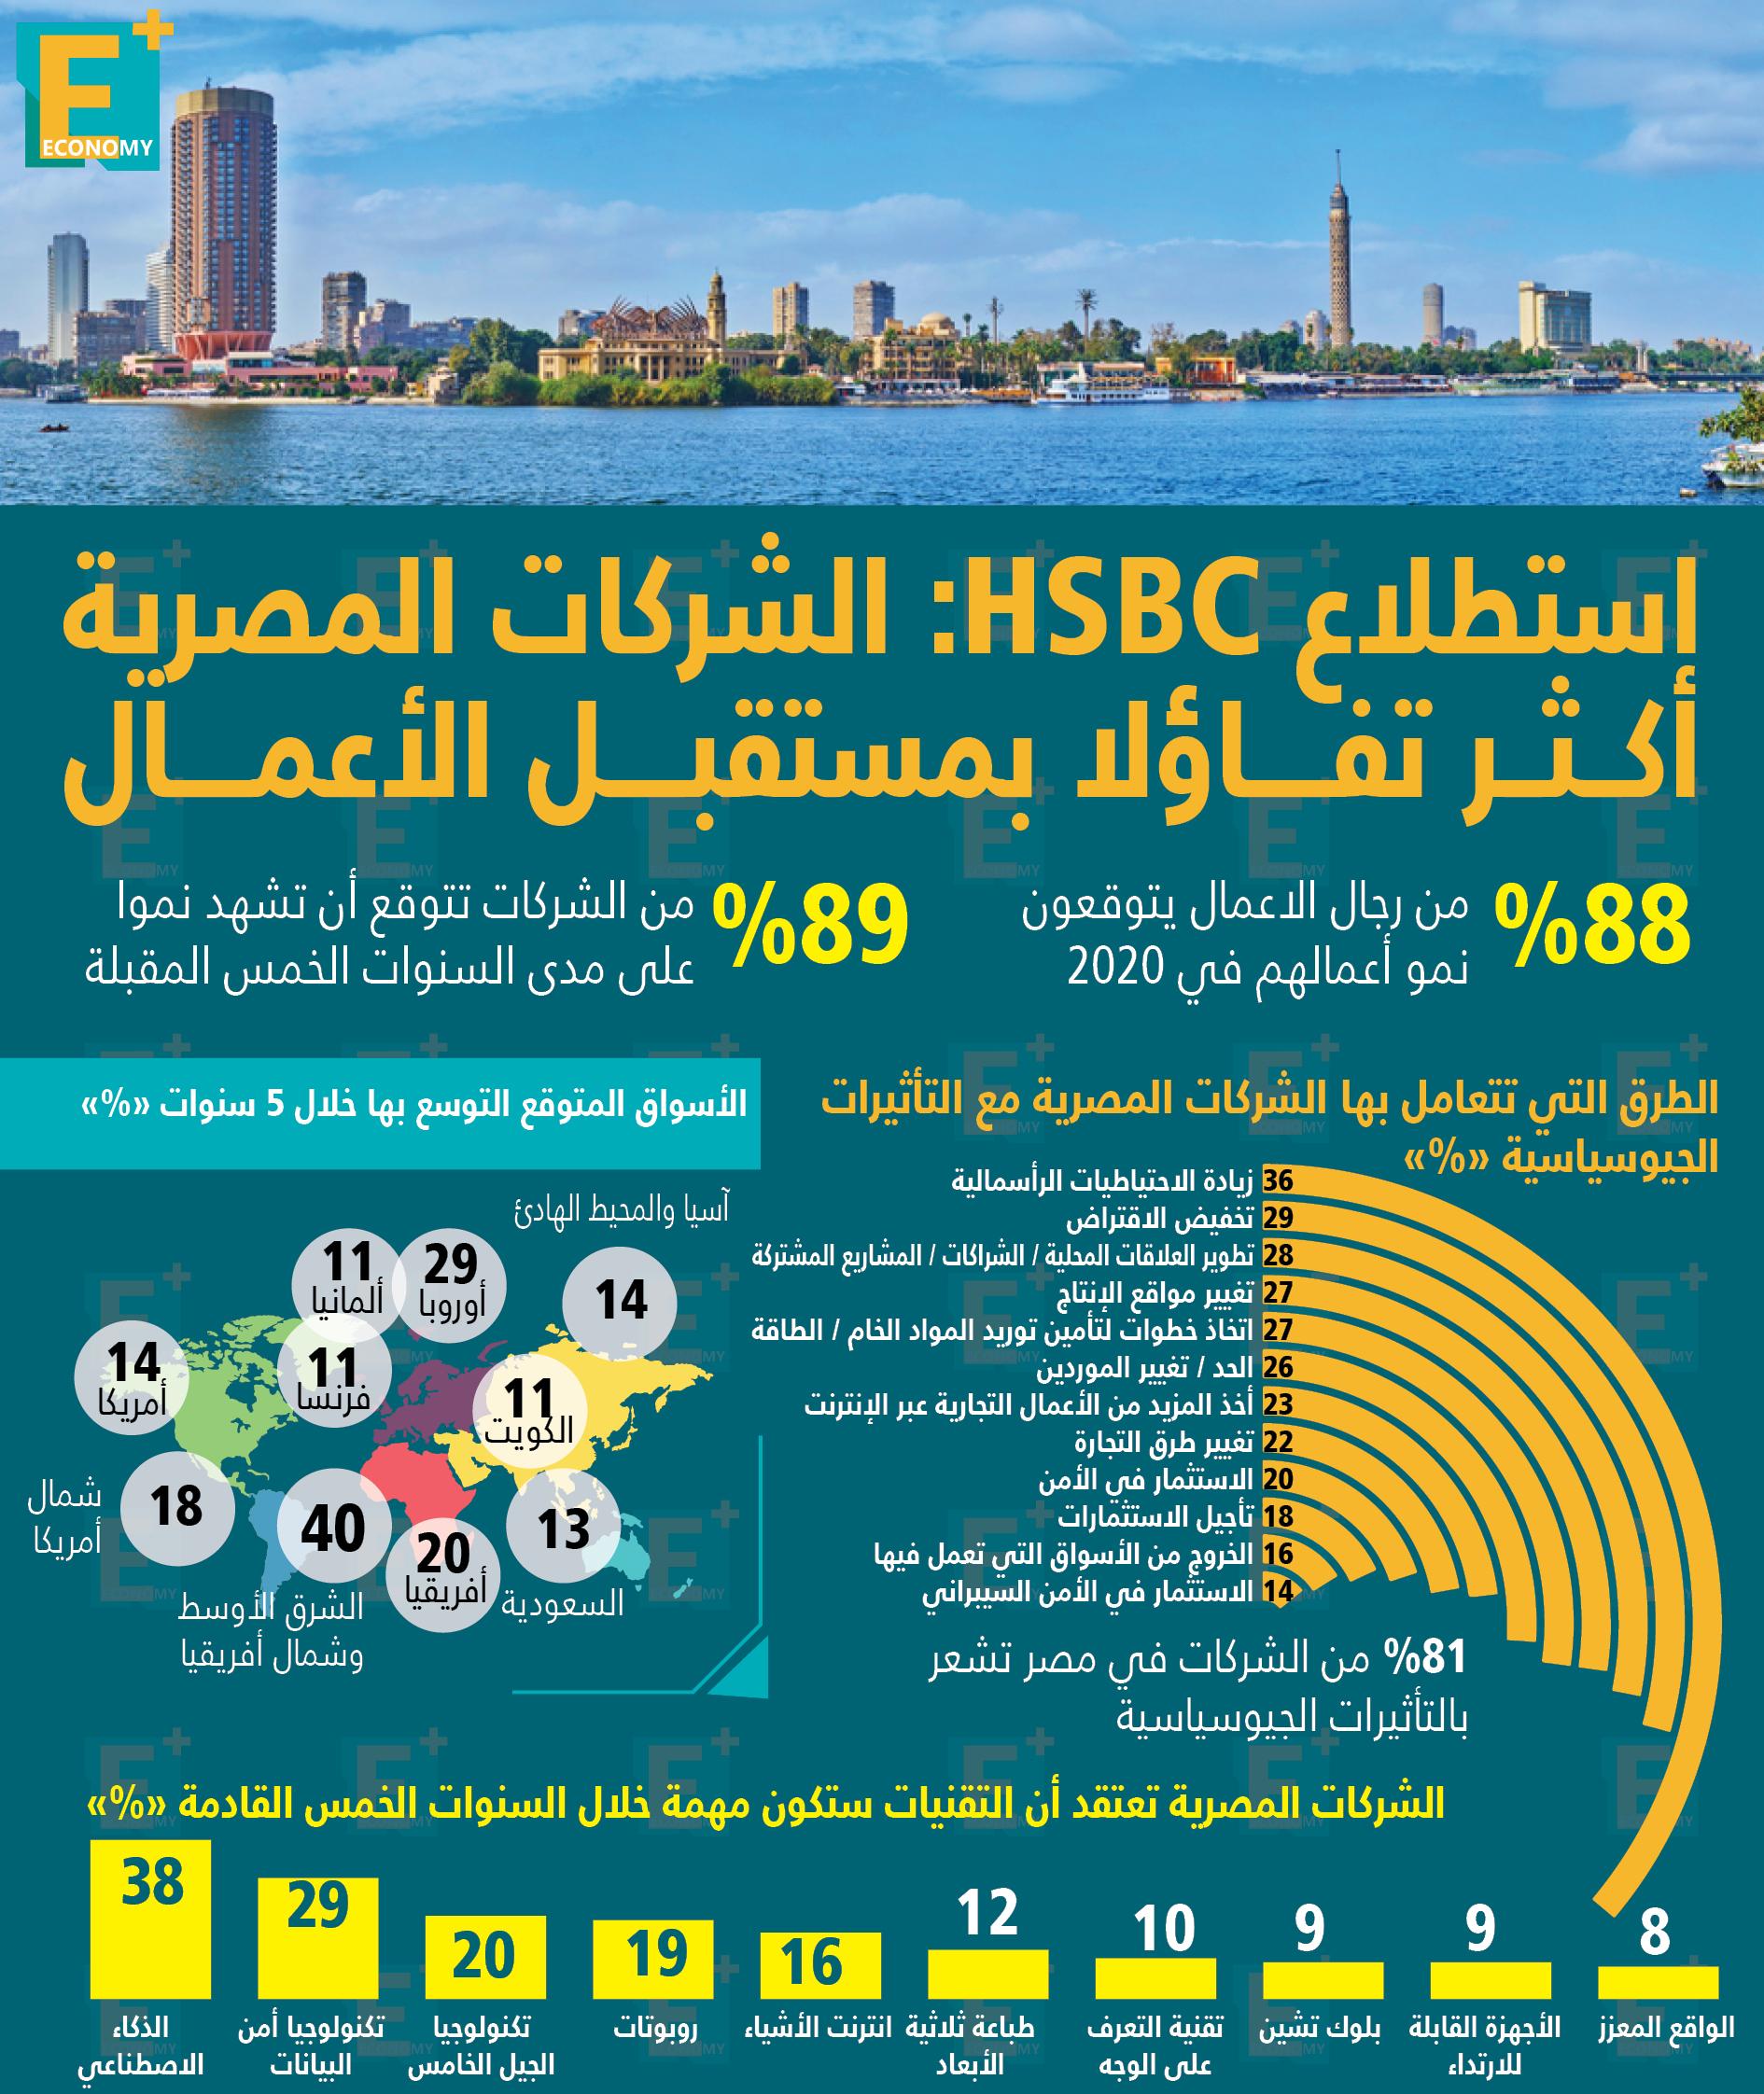 الشركات المصرية